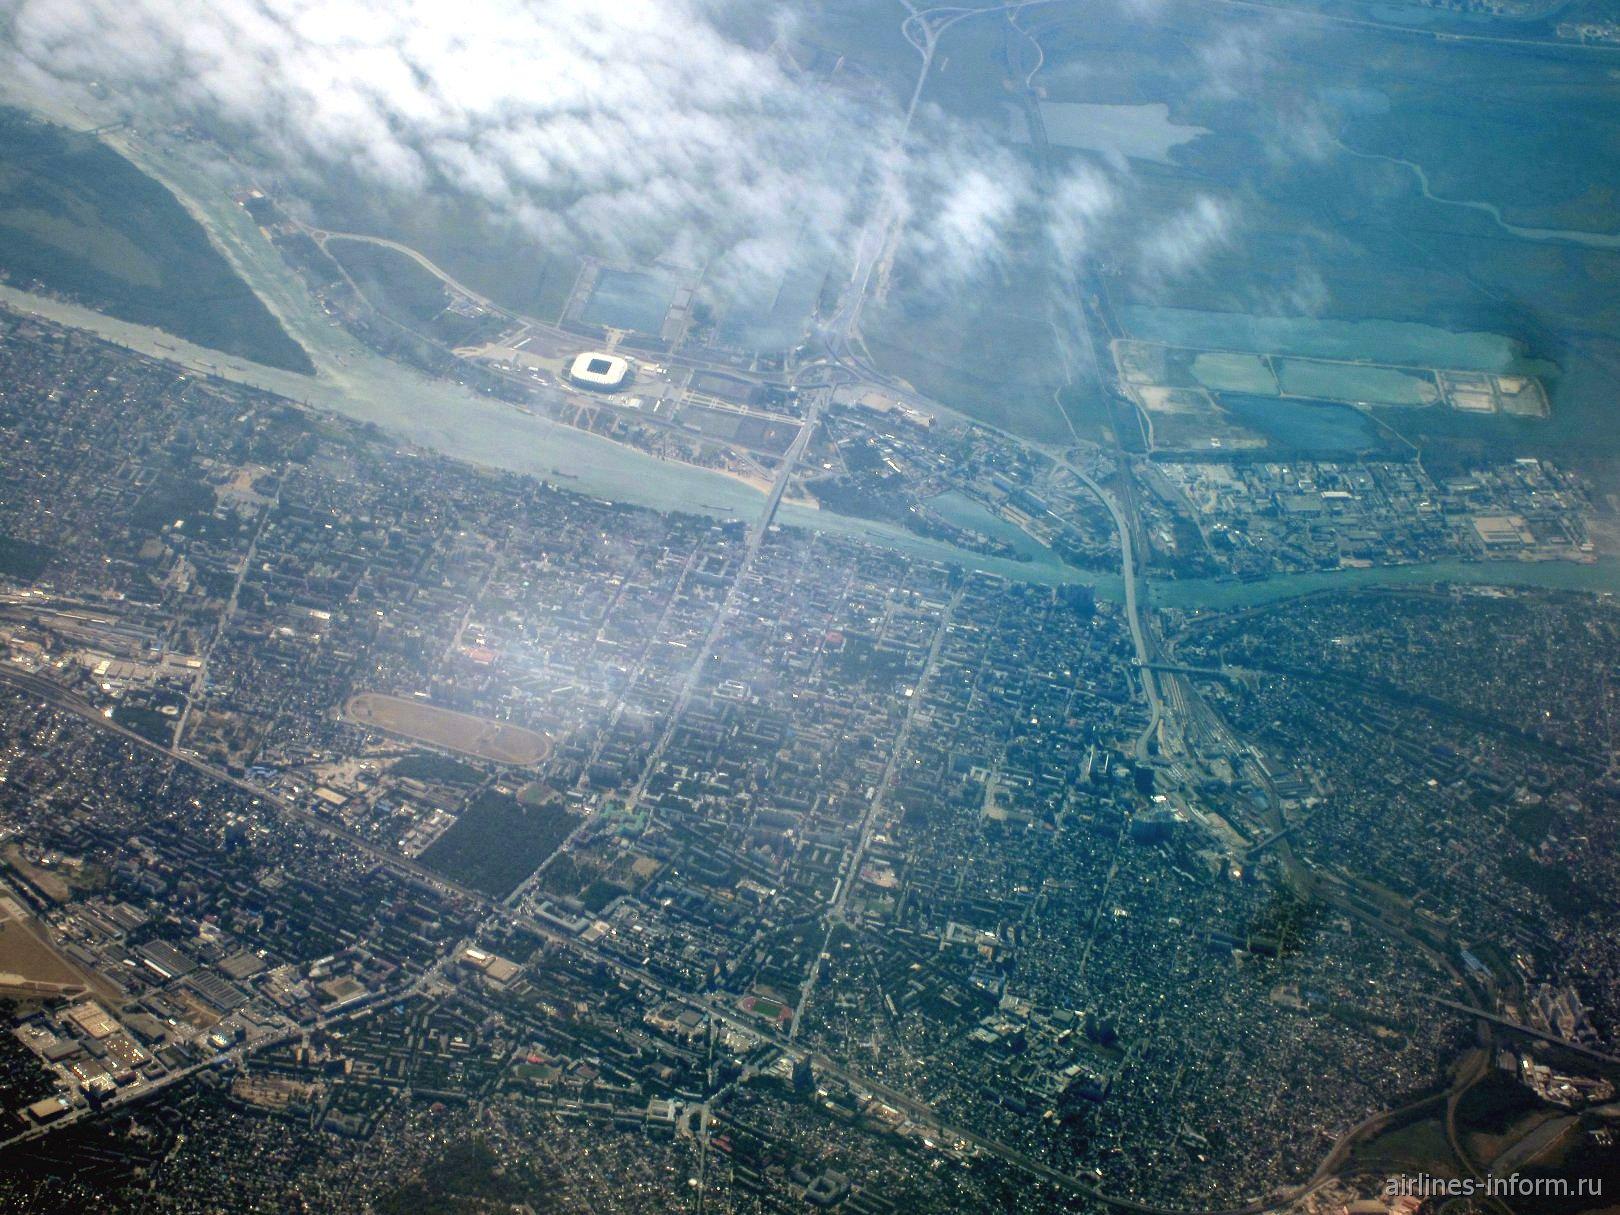 Центр города Ростов-на-Дону